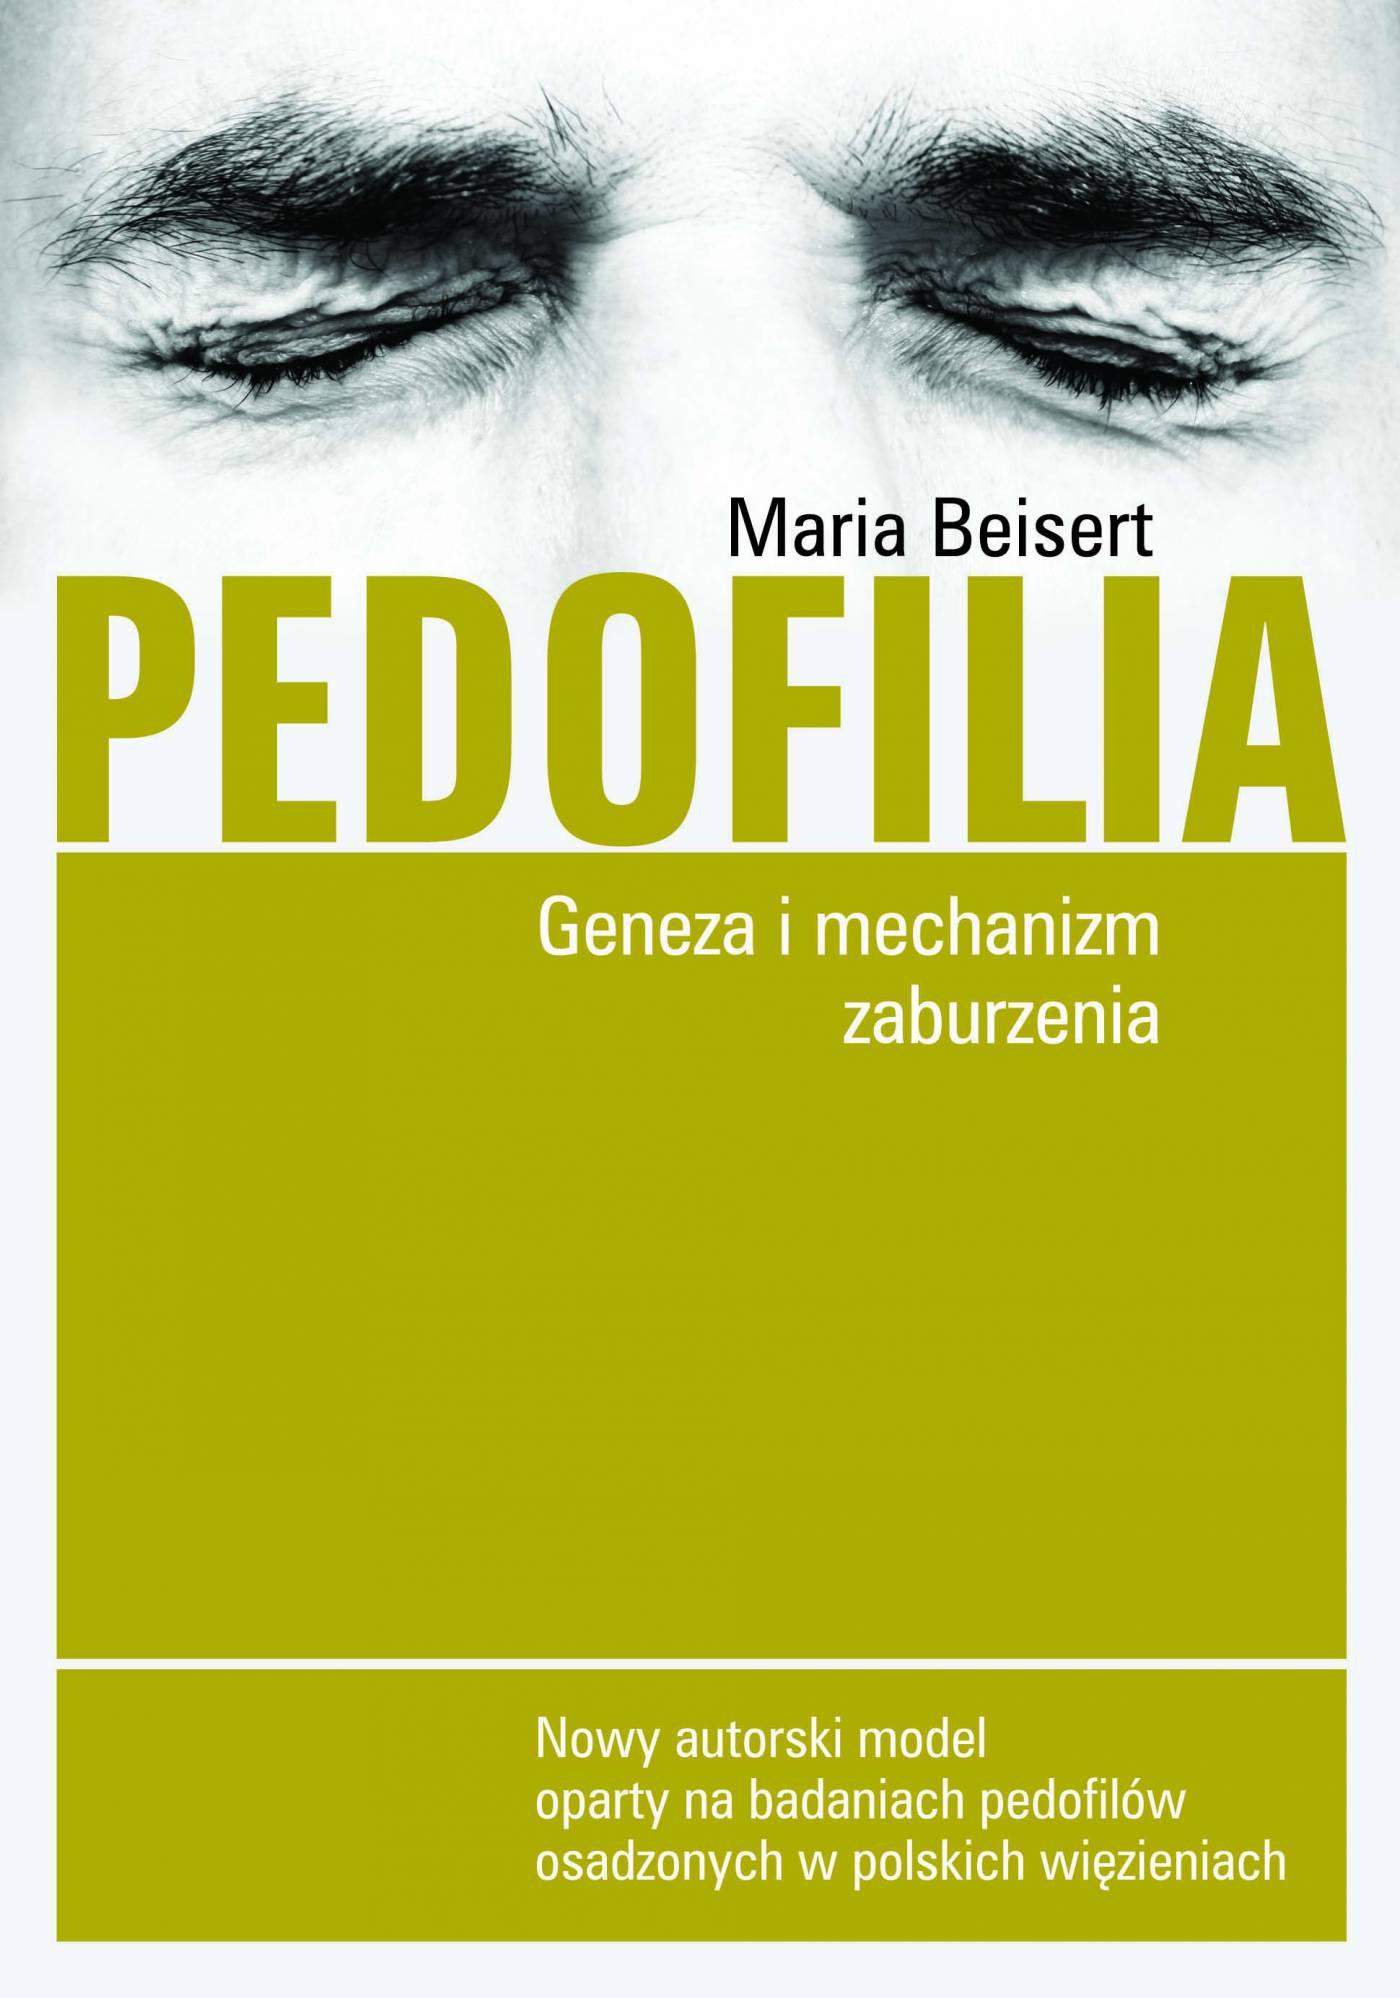 Pedofilia. Geneza i mechanizm zaburzenia - Ebook (Książka na Kindle) do pobrania w formacie MOBI